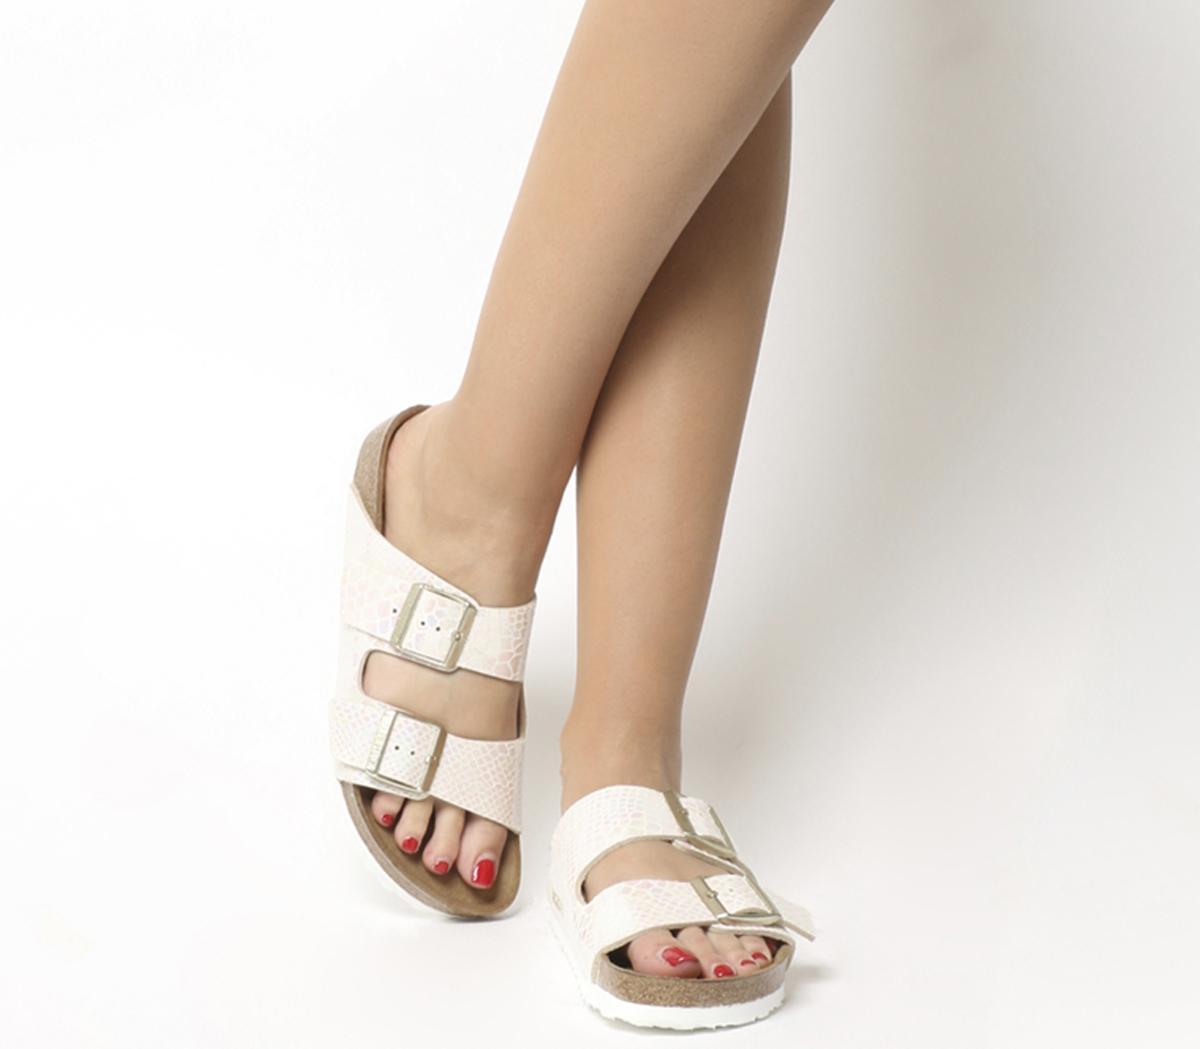 669d9fa6221e8 Birkenstock Arizona Two Strap Shiny Snake Cream - Sandals